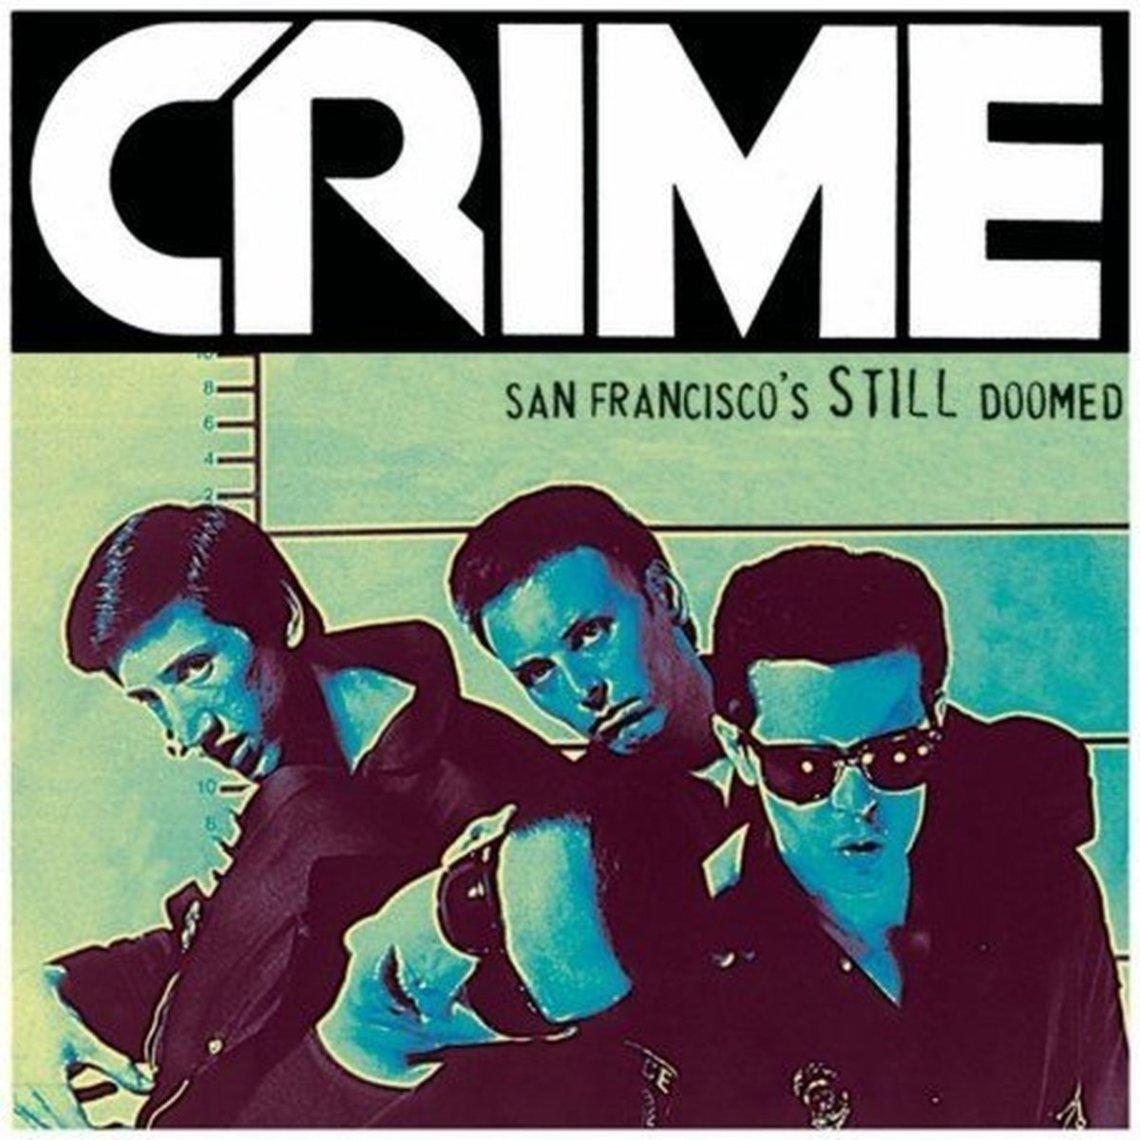 crimeSF